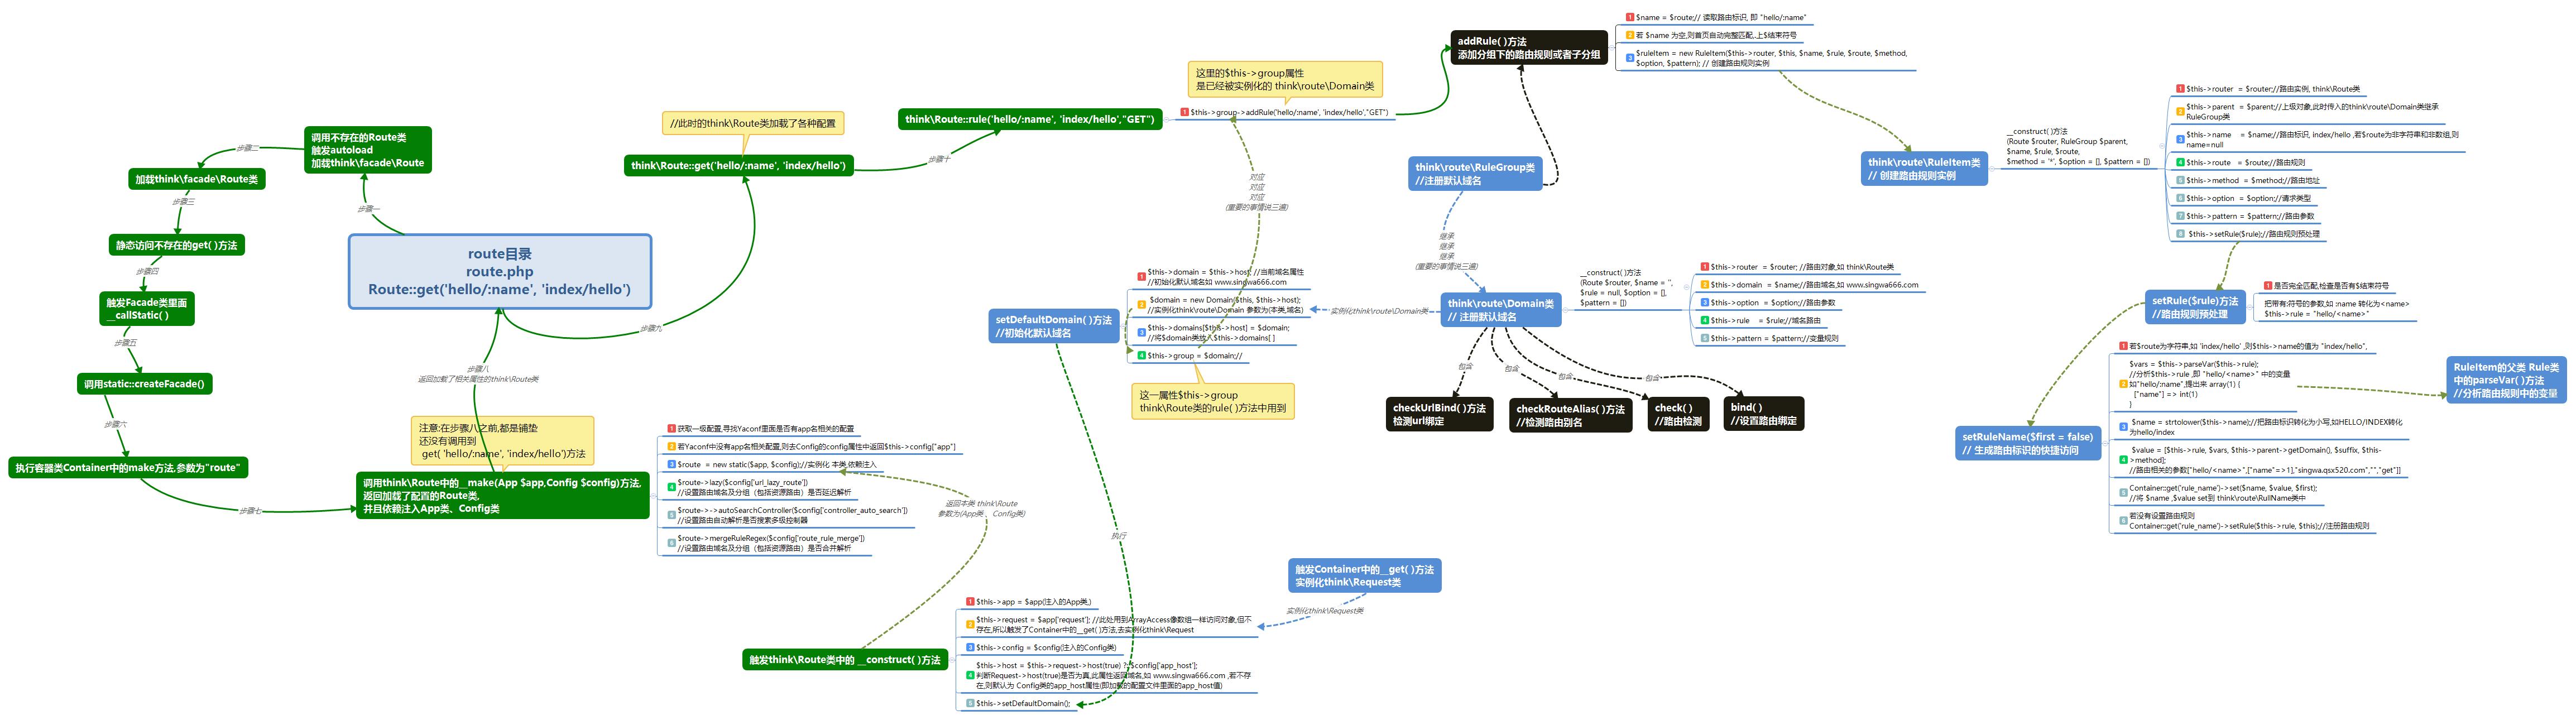 执行流程图